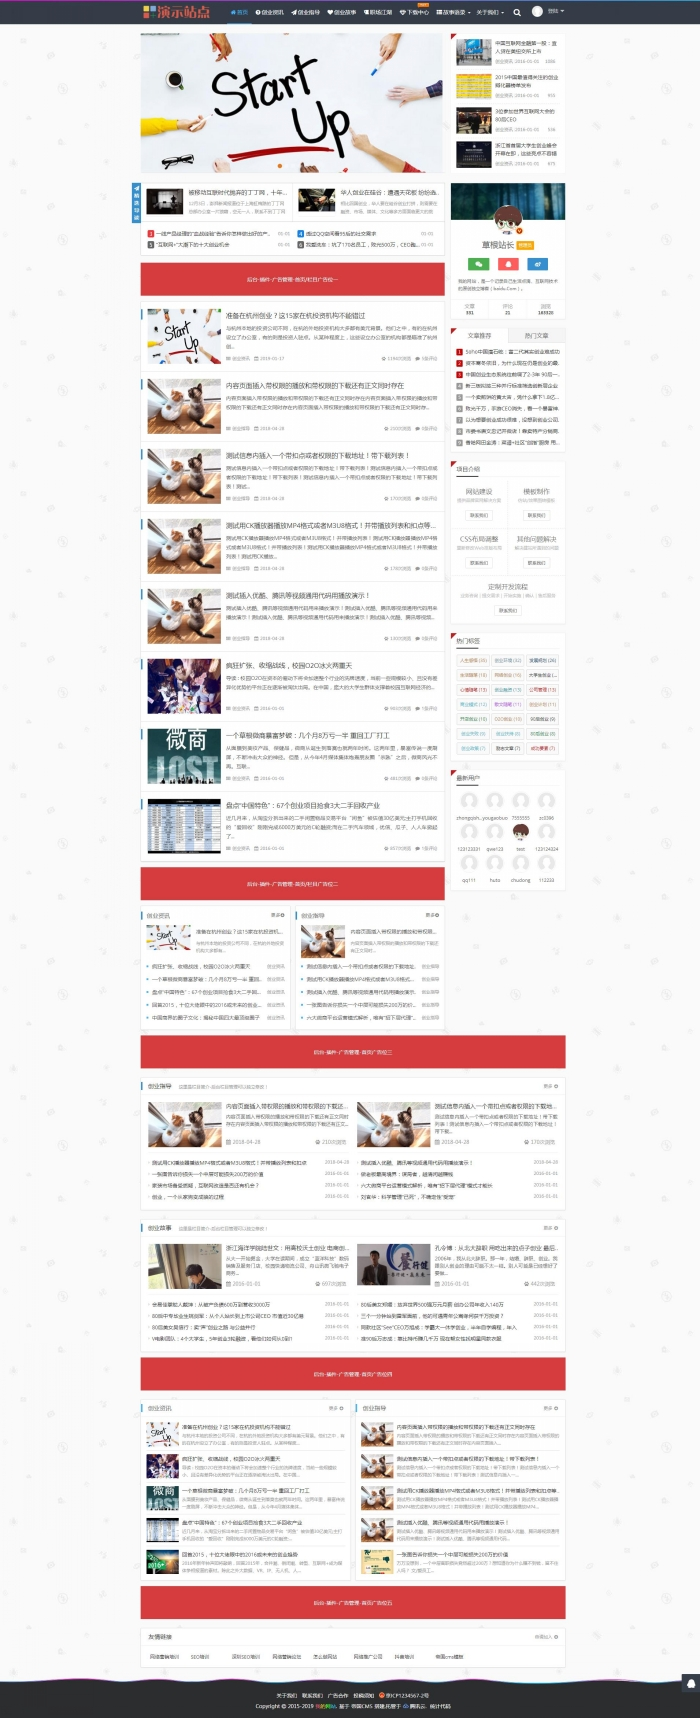 网站首页.jpg [DG-010]帝国cms博客新闻文章资讯响应式帝国模板 博客文章 第1张